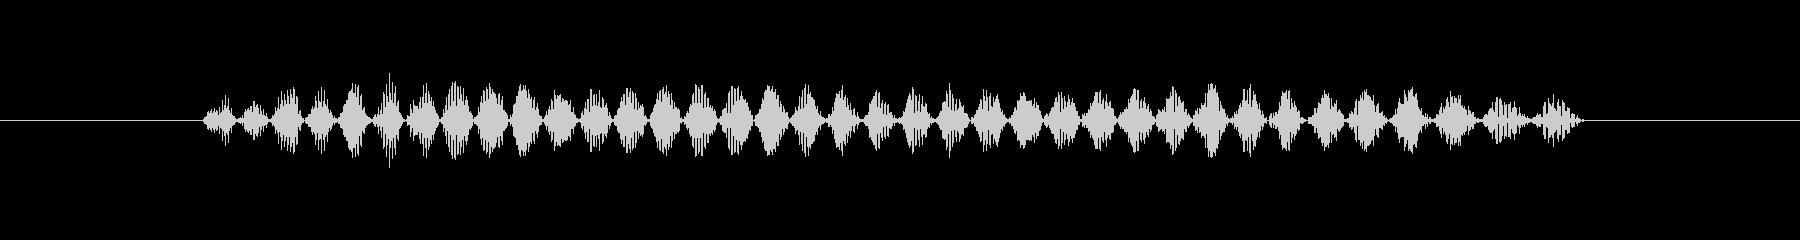 奇妙な鳥のような生き物鳥のような生き物の未再生の波形